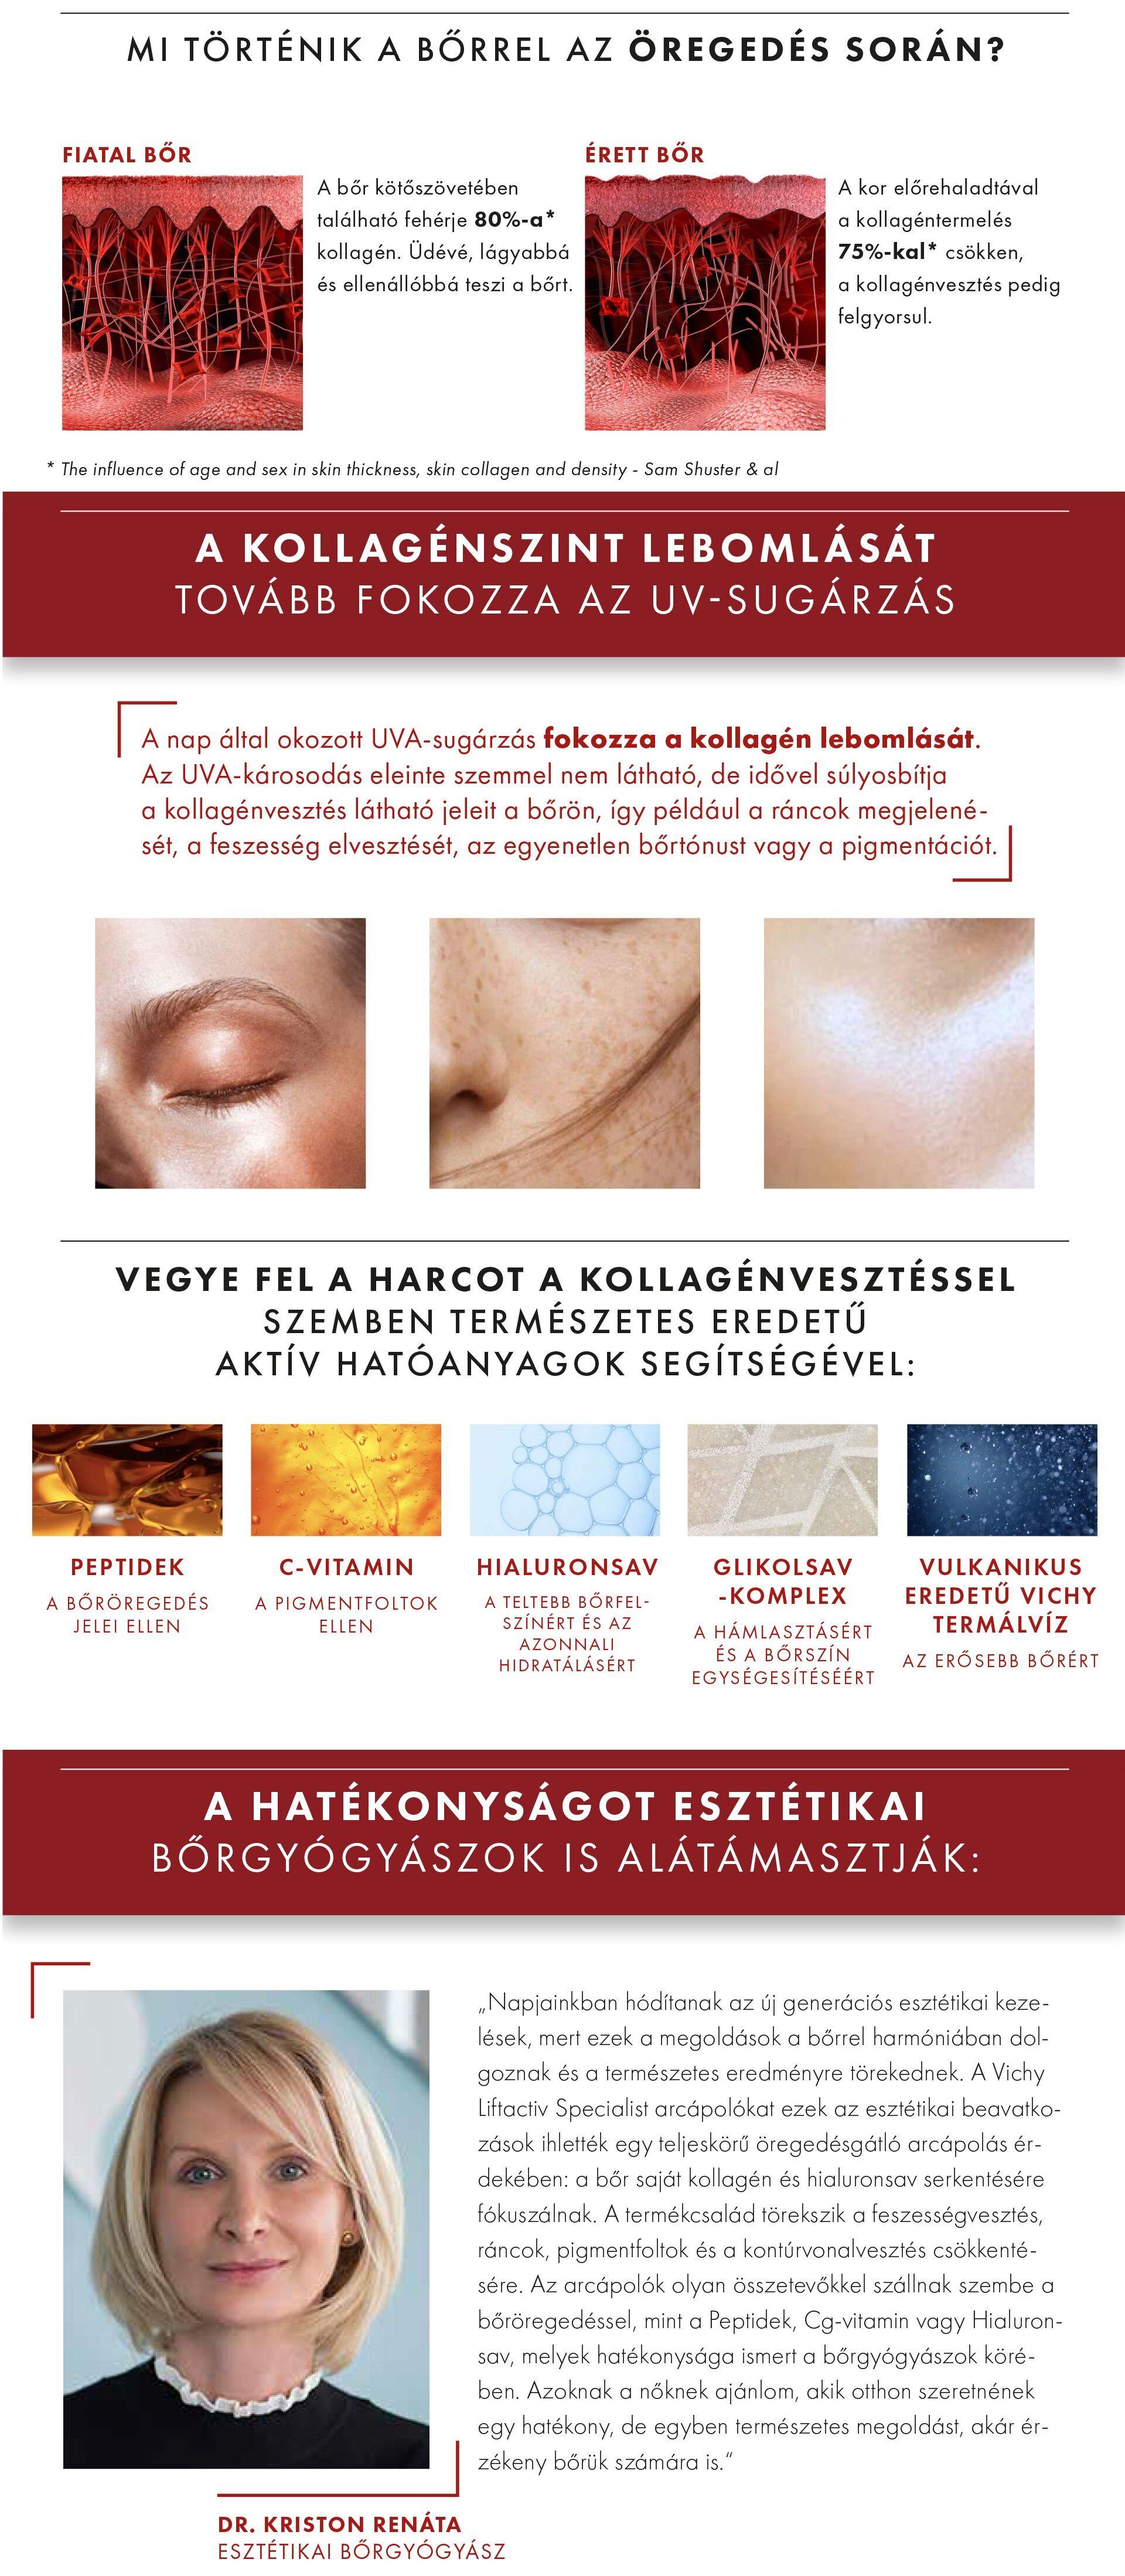 Mi történik a bőrrel az öregedés során?